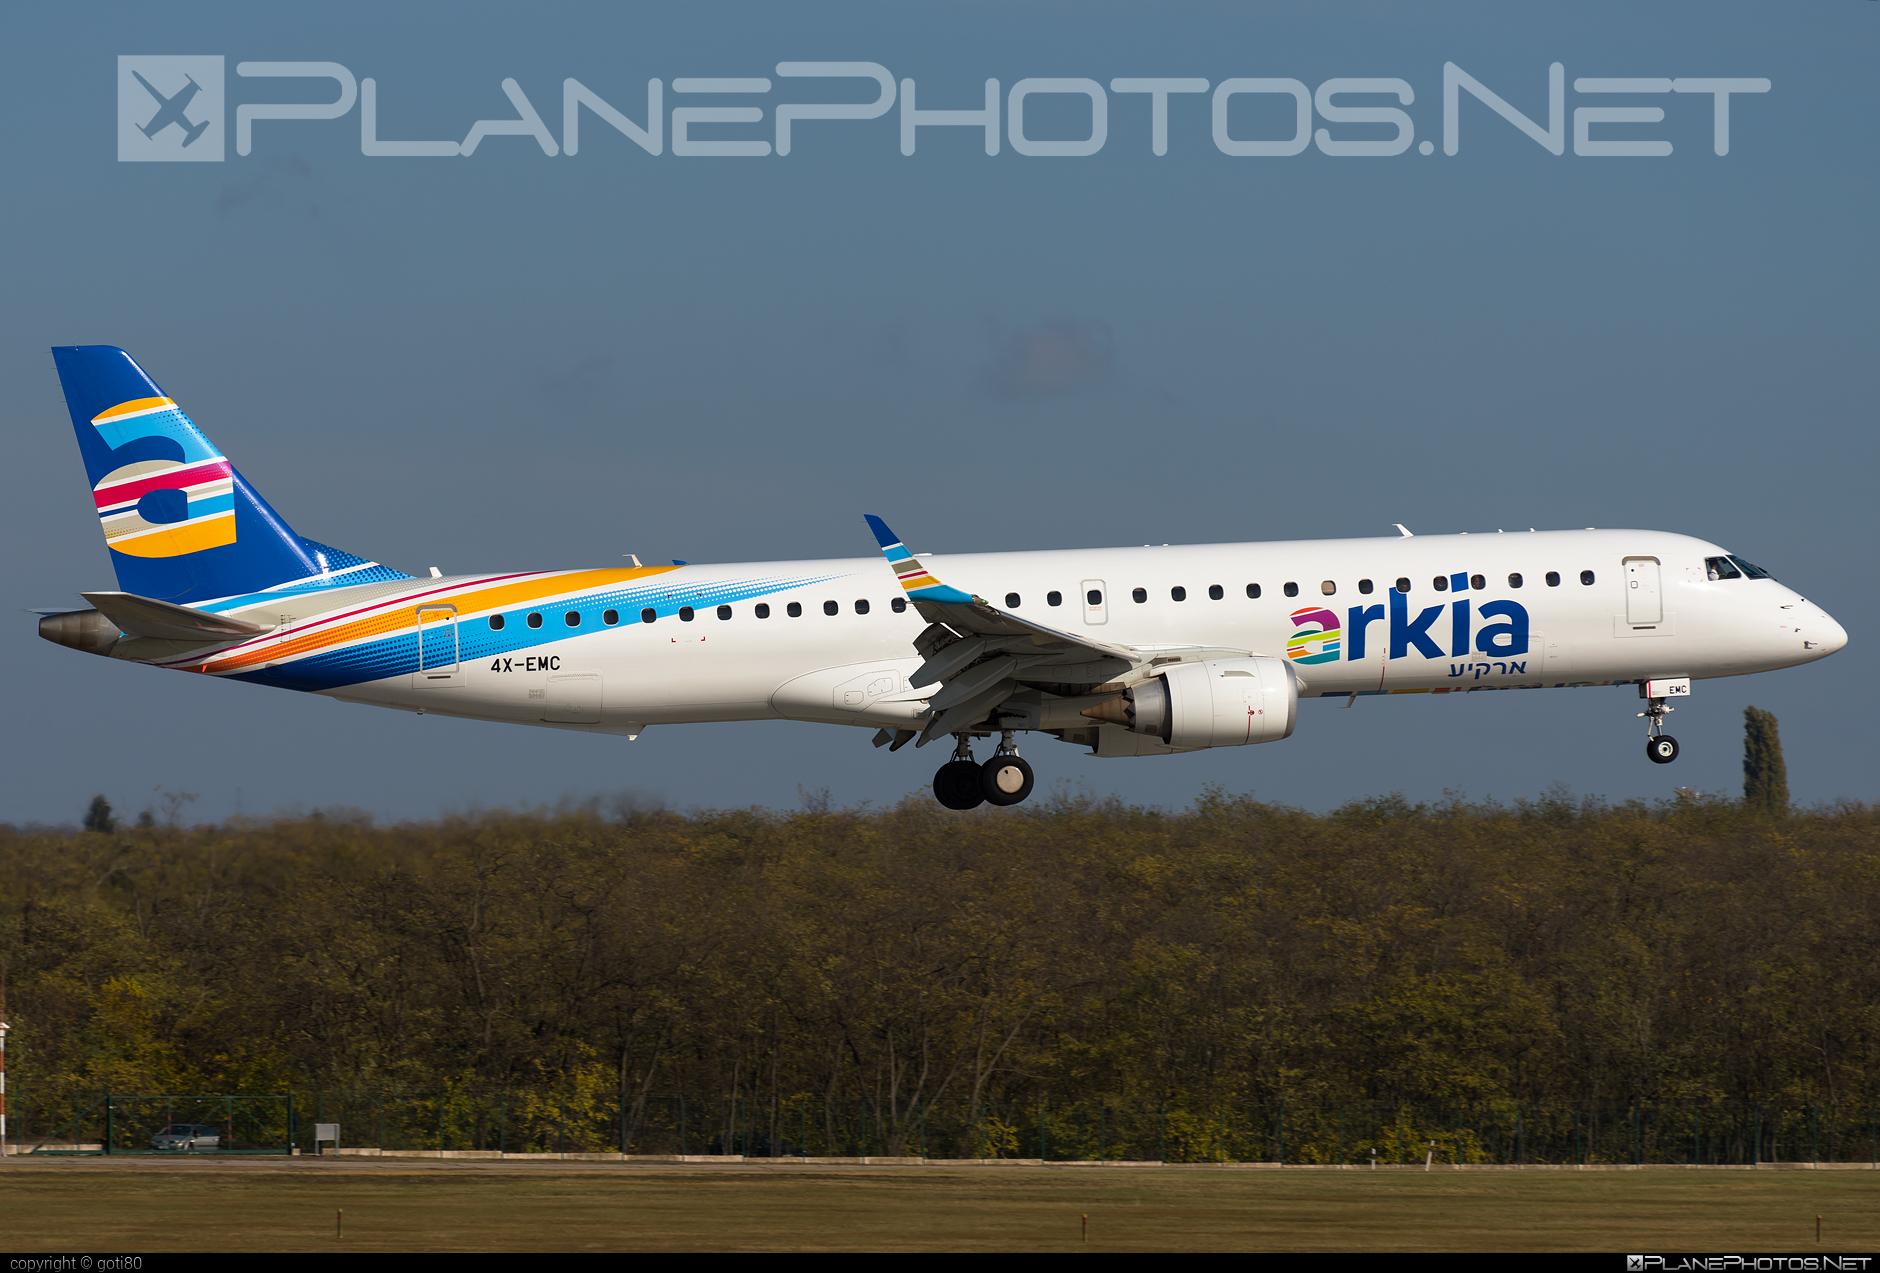 Embraer E195IGW (ERJ-190-200IGW) - 4X-EMC operated by Arkia Israeli Airlines #e190 #e190200 #e190200igw #e195igw #embraer #embraer190200igw #embraer195 #embraer195igw